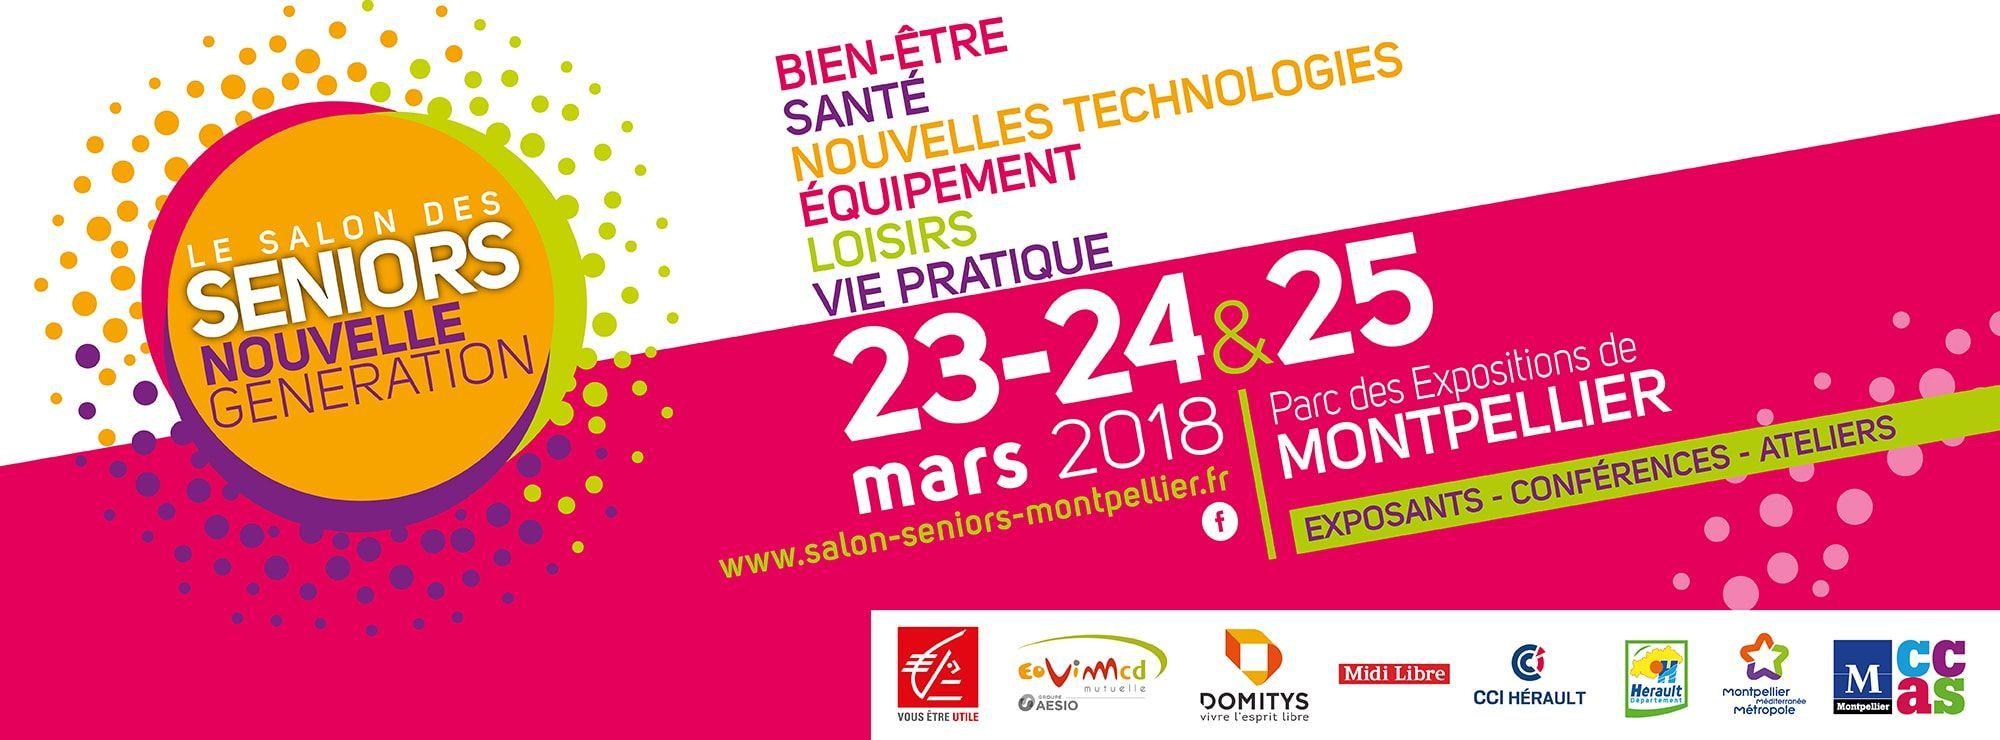 Salon des s niors nouvelle g n ration montpellier for Salon des seniors paris